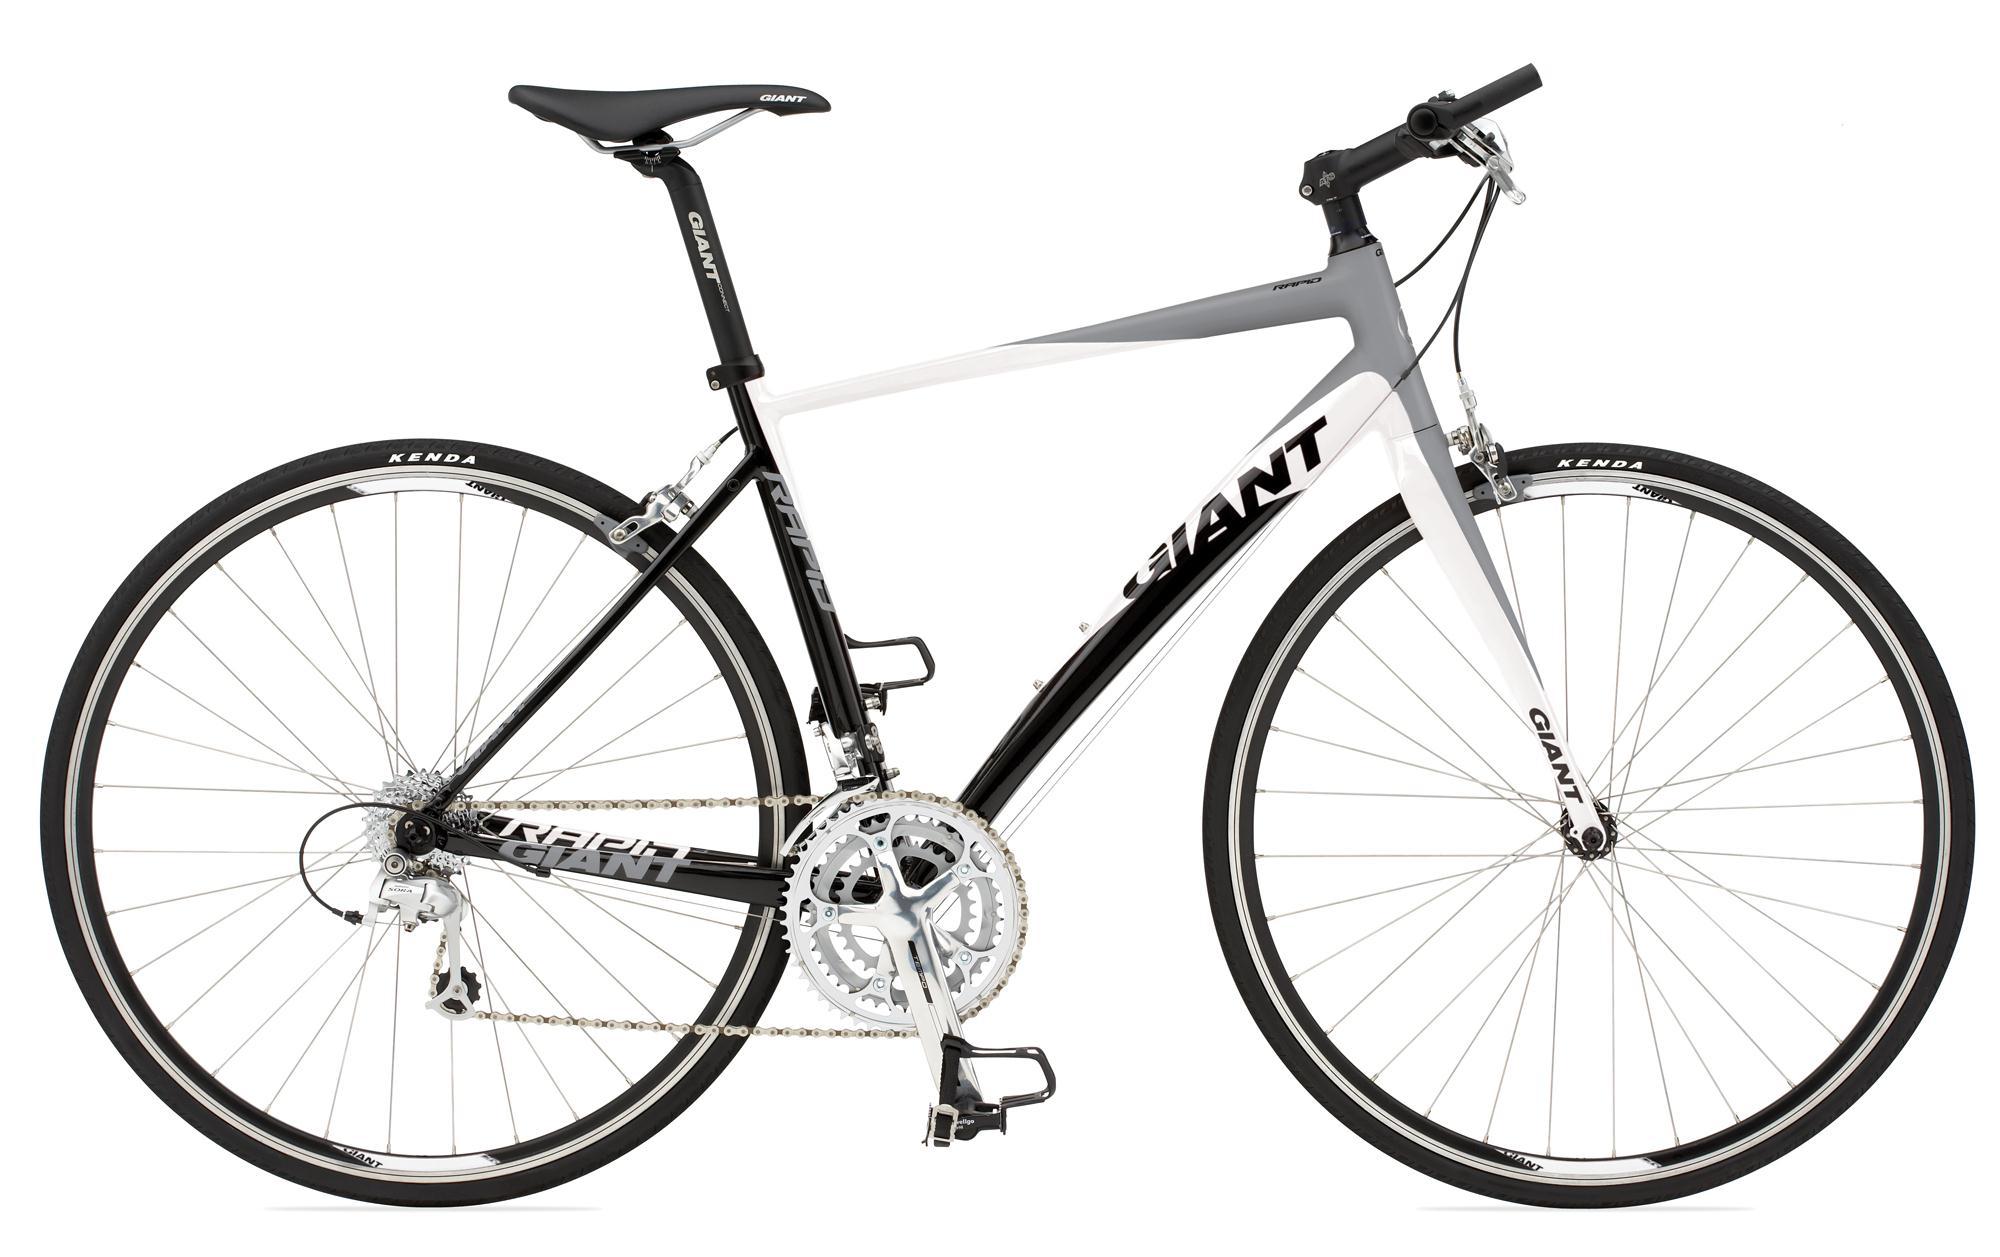 Rapid 3 (2010) - Bikes | Giant